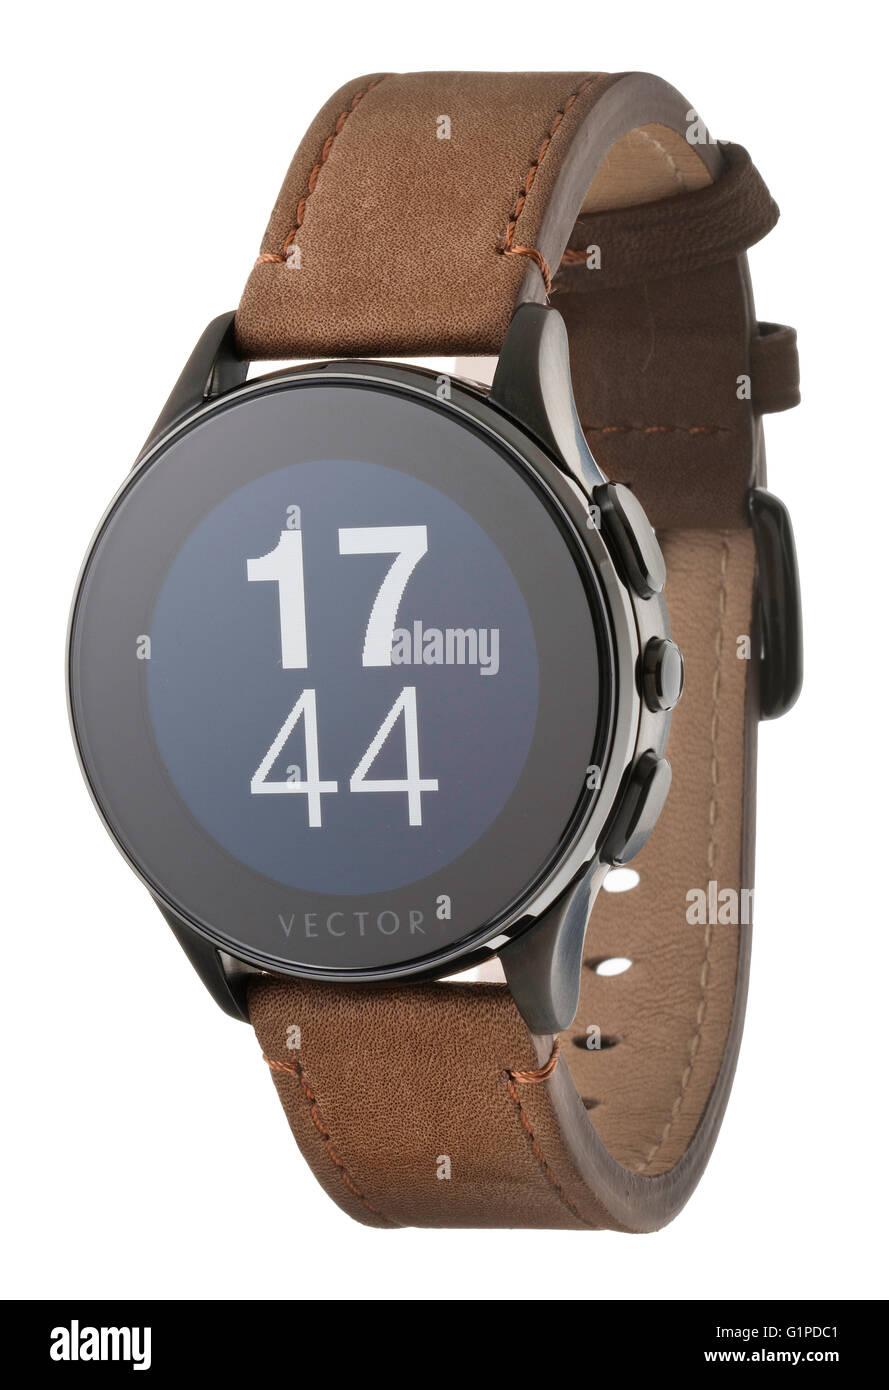 Vektor-Luna-Smart-Watch Stockbild